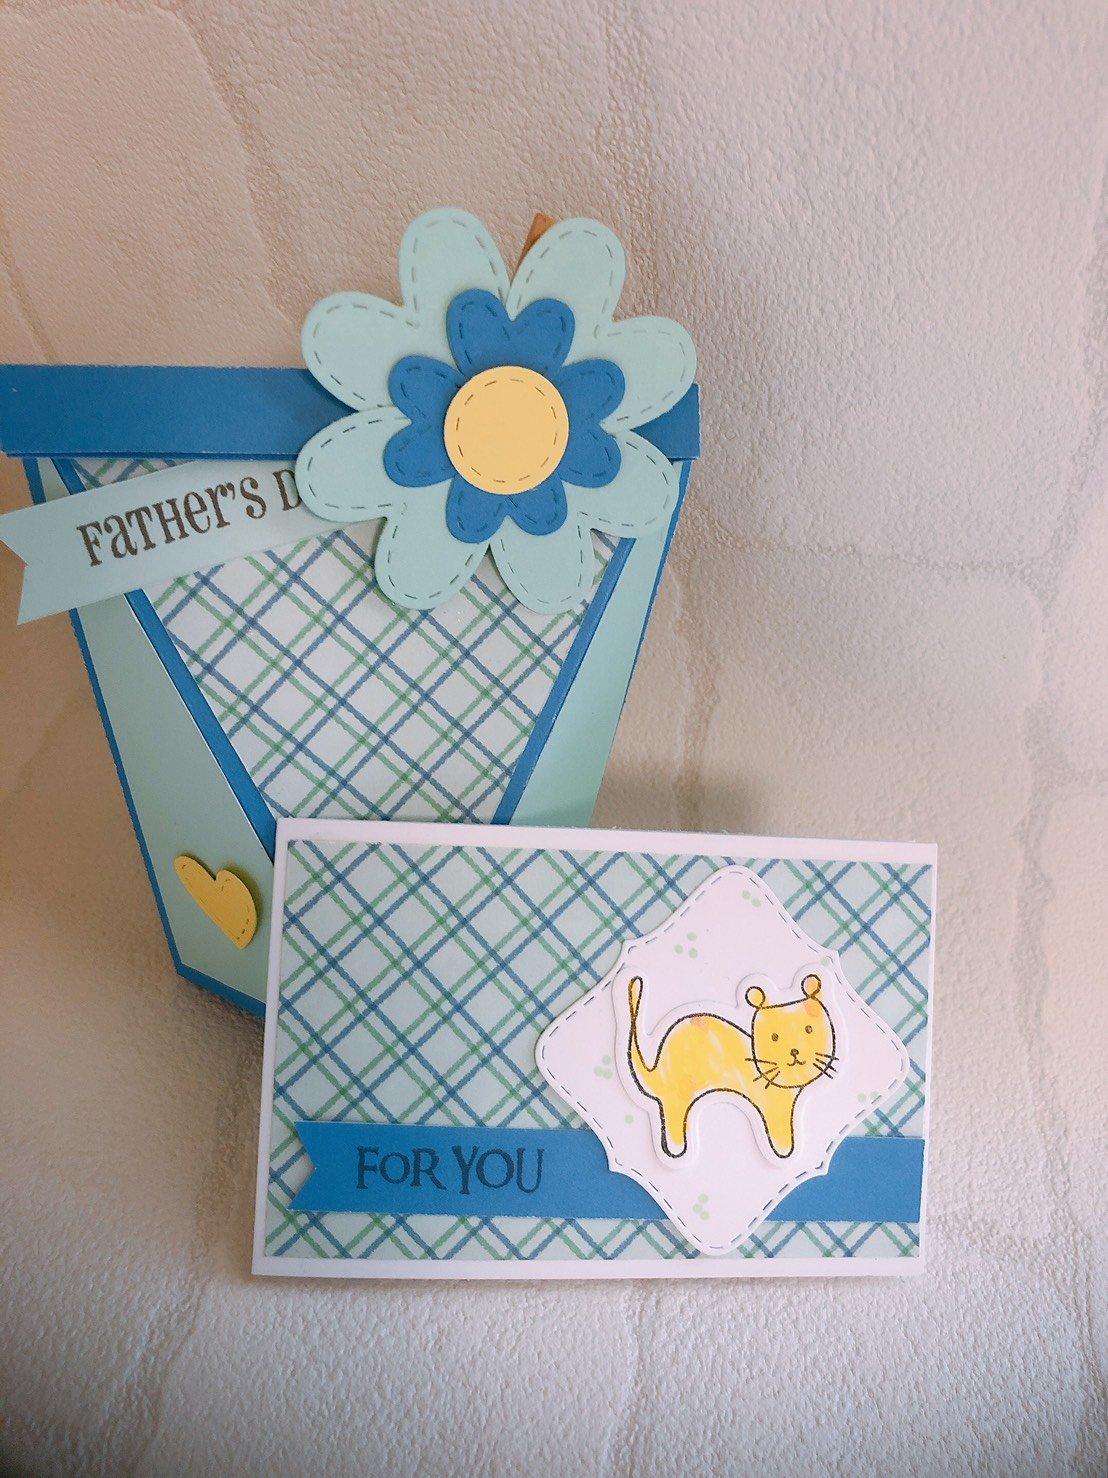 カフェでワークショップ!!焼き菓子ボックス&メッセージカード作り☆L'Ours米粉焼き菓子セット付き 第一部(10:30〜12:30)のイメージその2